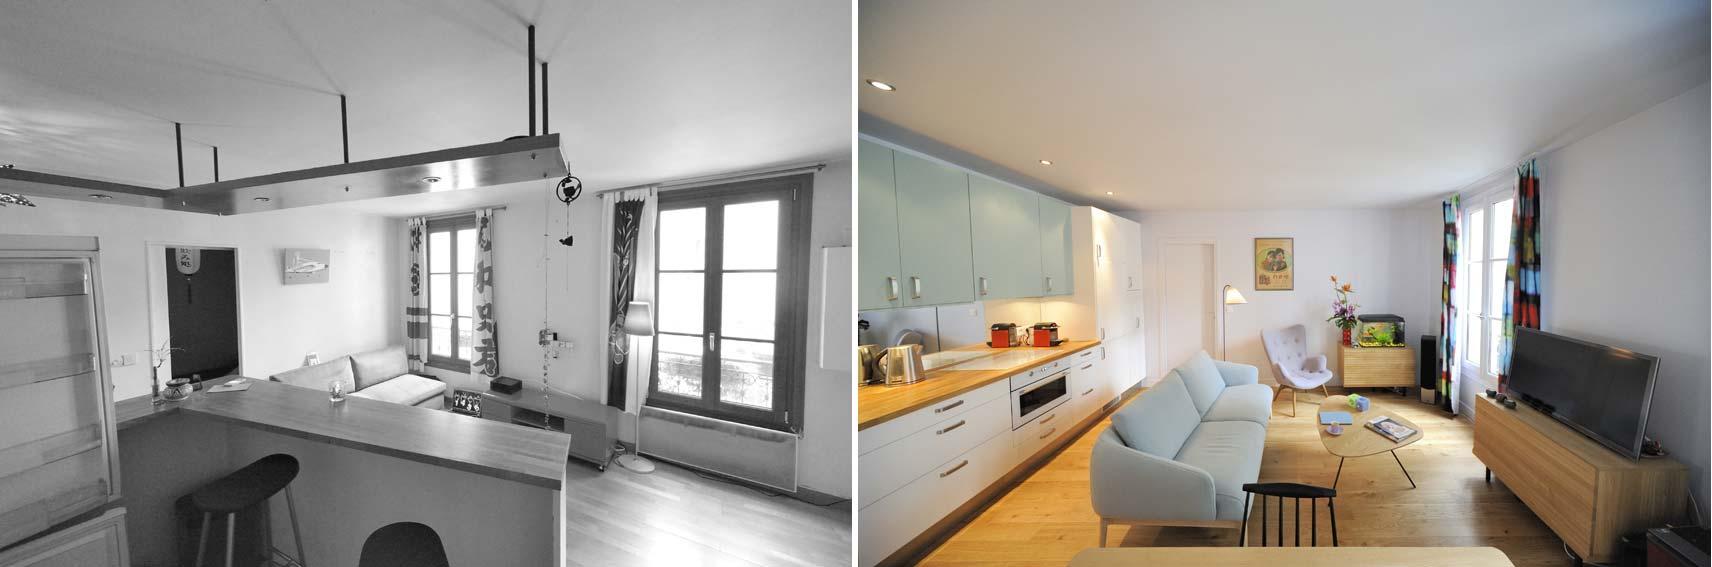 Avant apr s r organisation d 39 un appartement 2 pi ces for Decoration interieur appartement 2 pieces